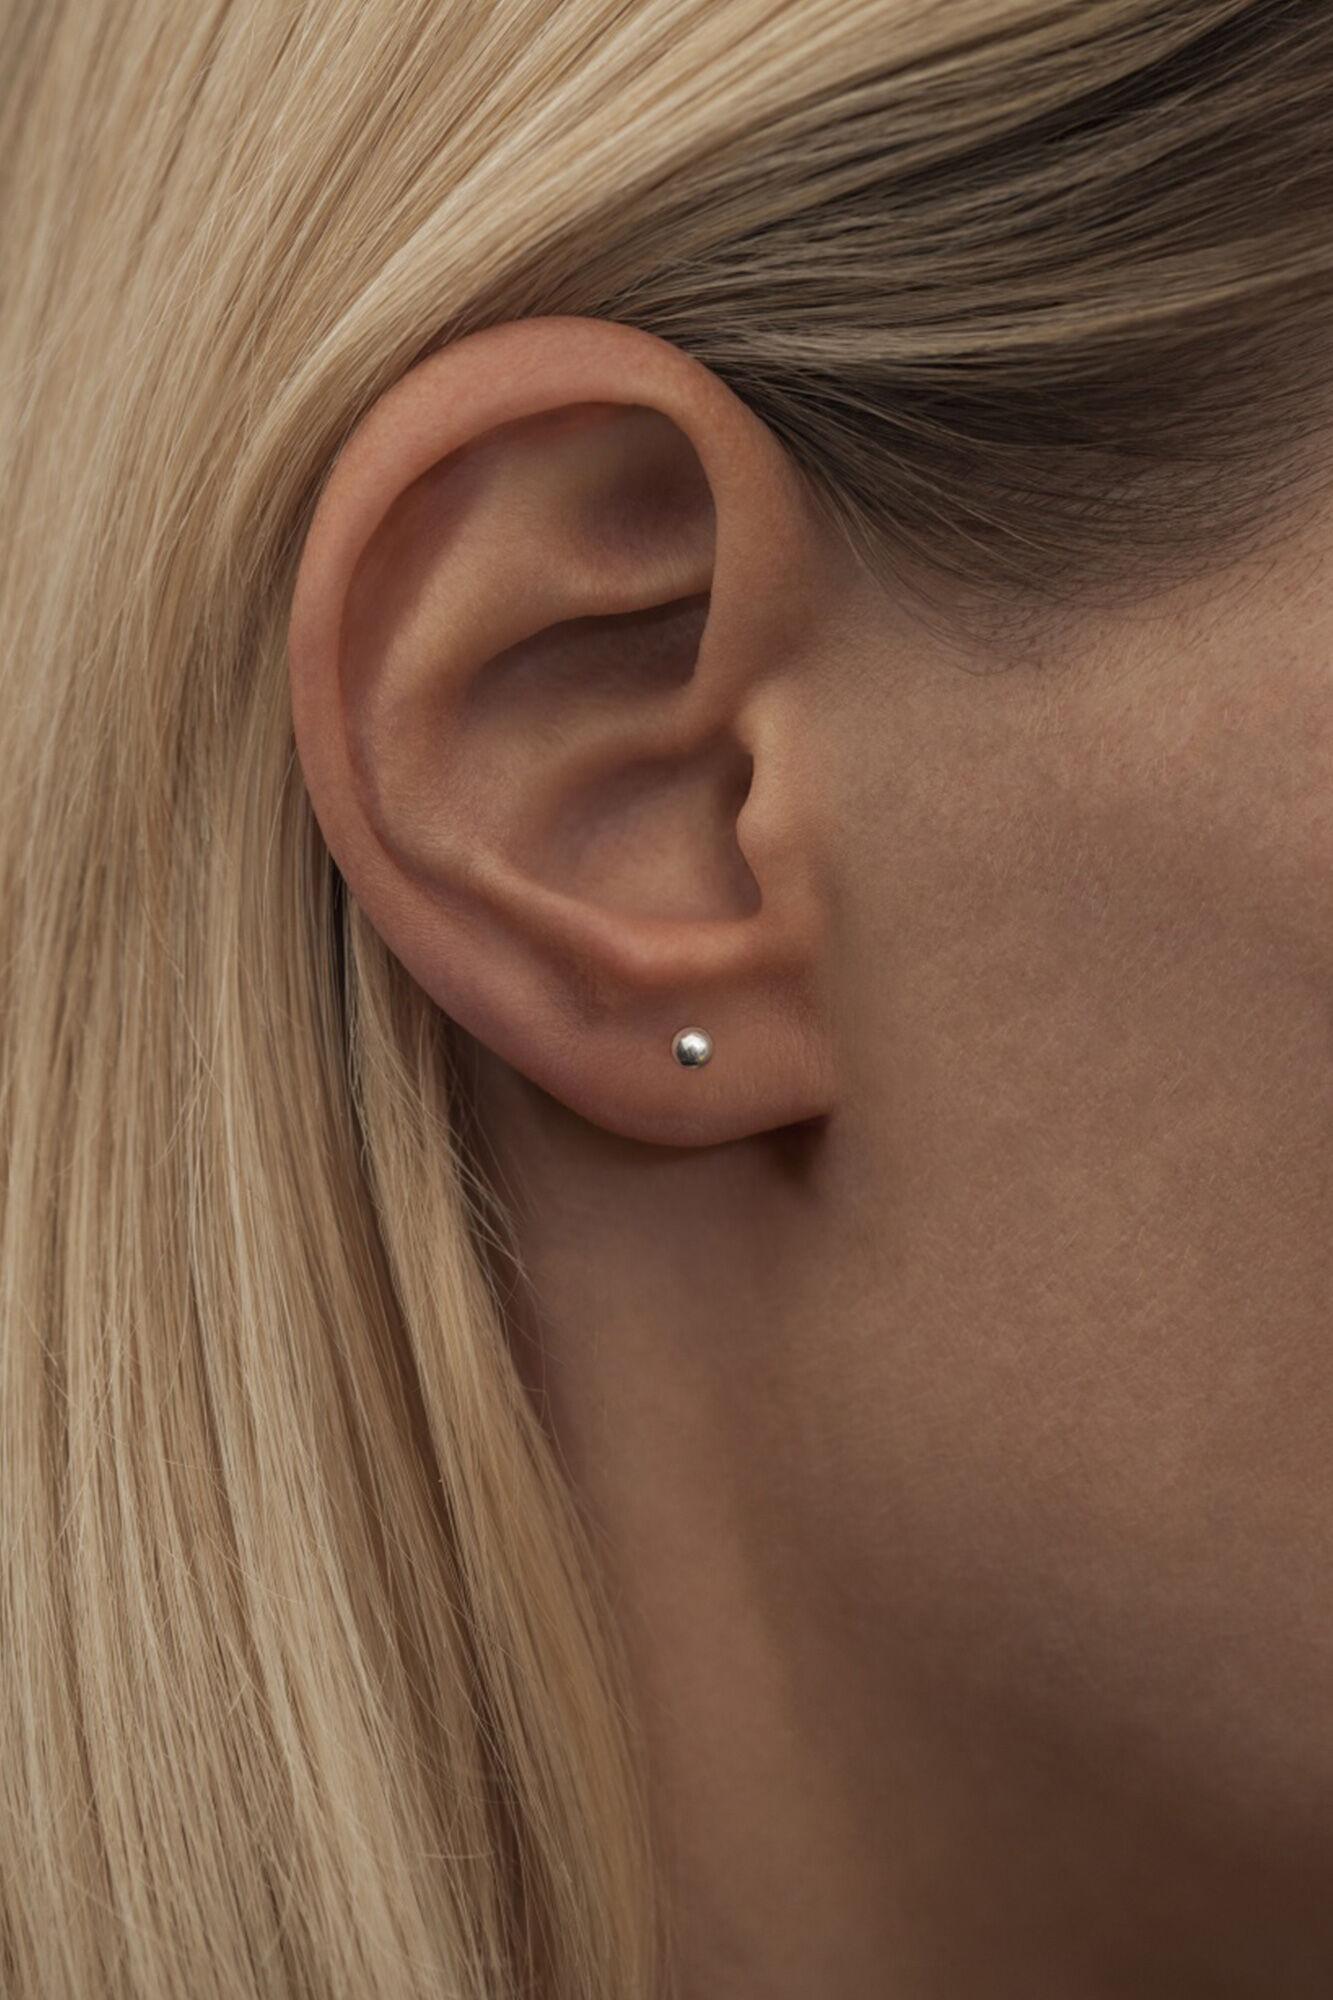 Stars Ear Studs LULUE117, SILVER